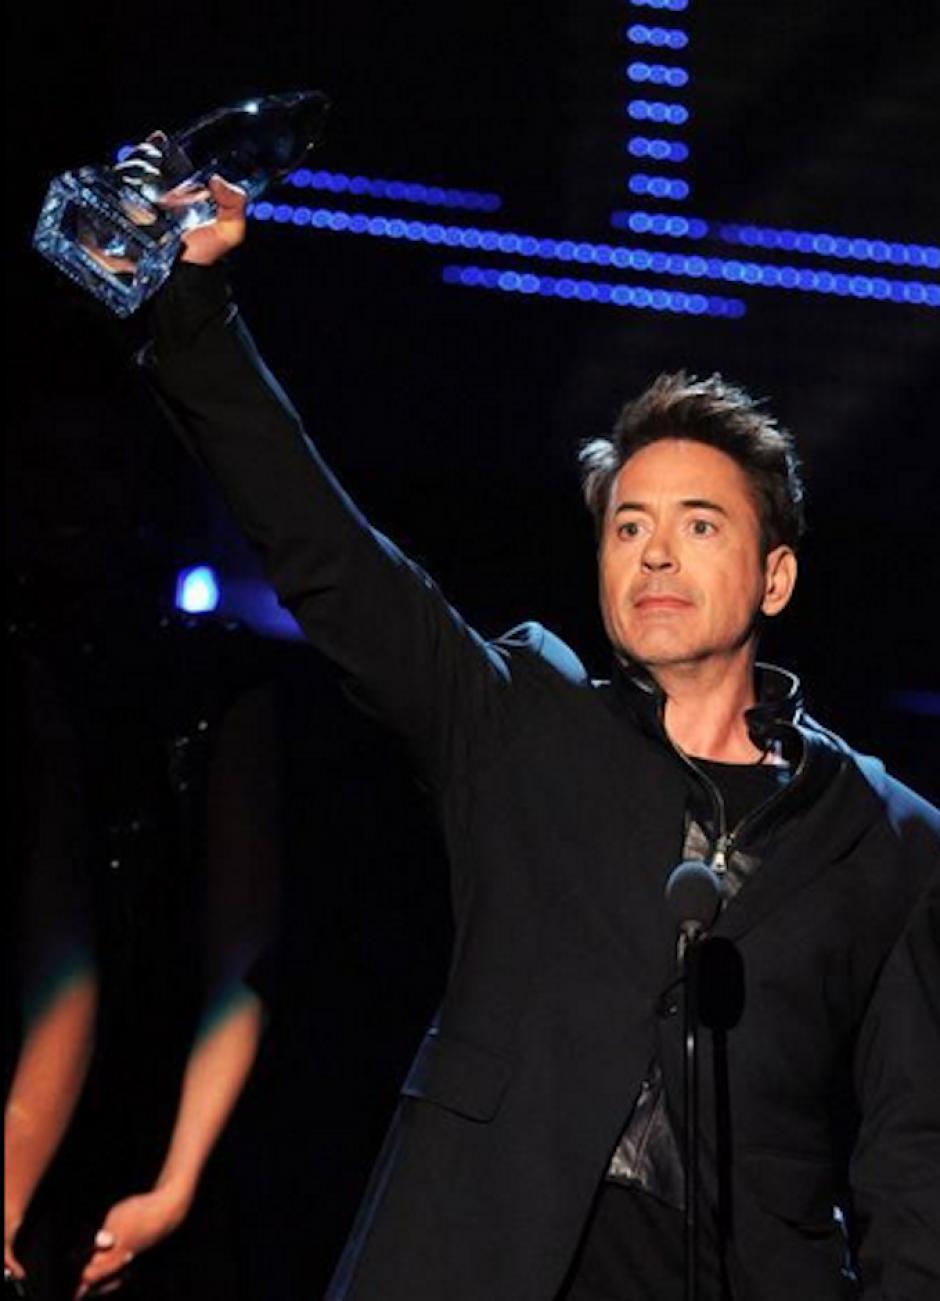 """Robert Downey Jr. alzó con orgullo su galardón como """"Actor favorito de acción"""". (Foto: Twitter/RobertDowneyJR)"""